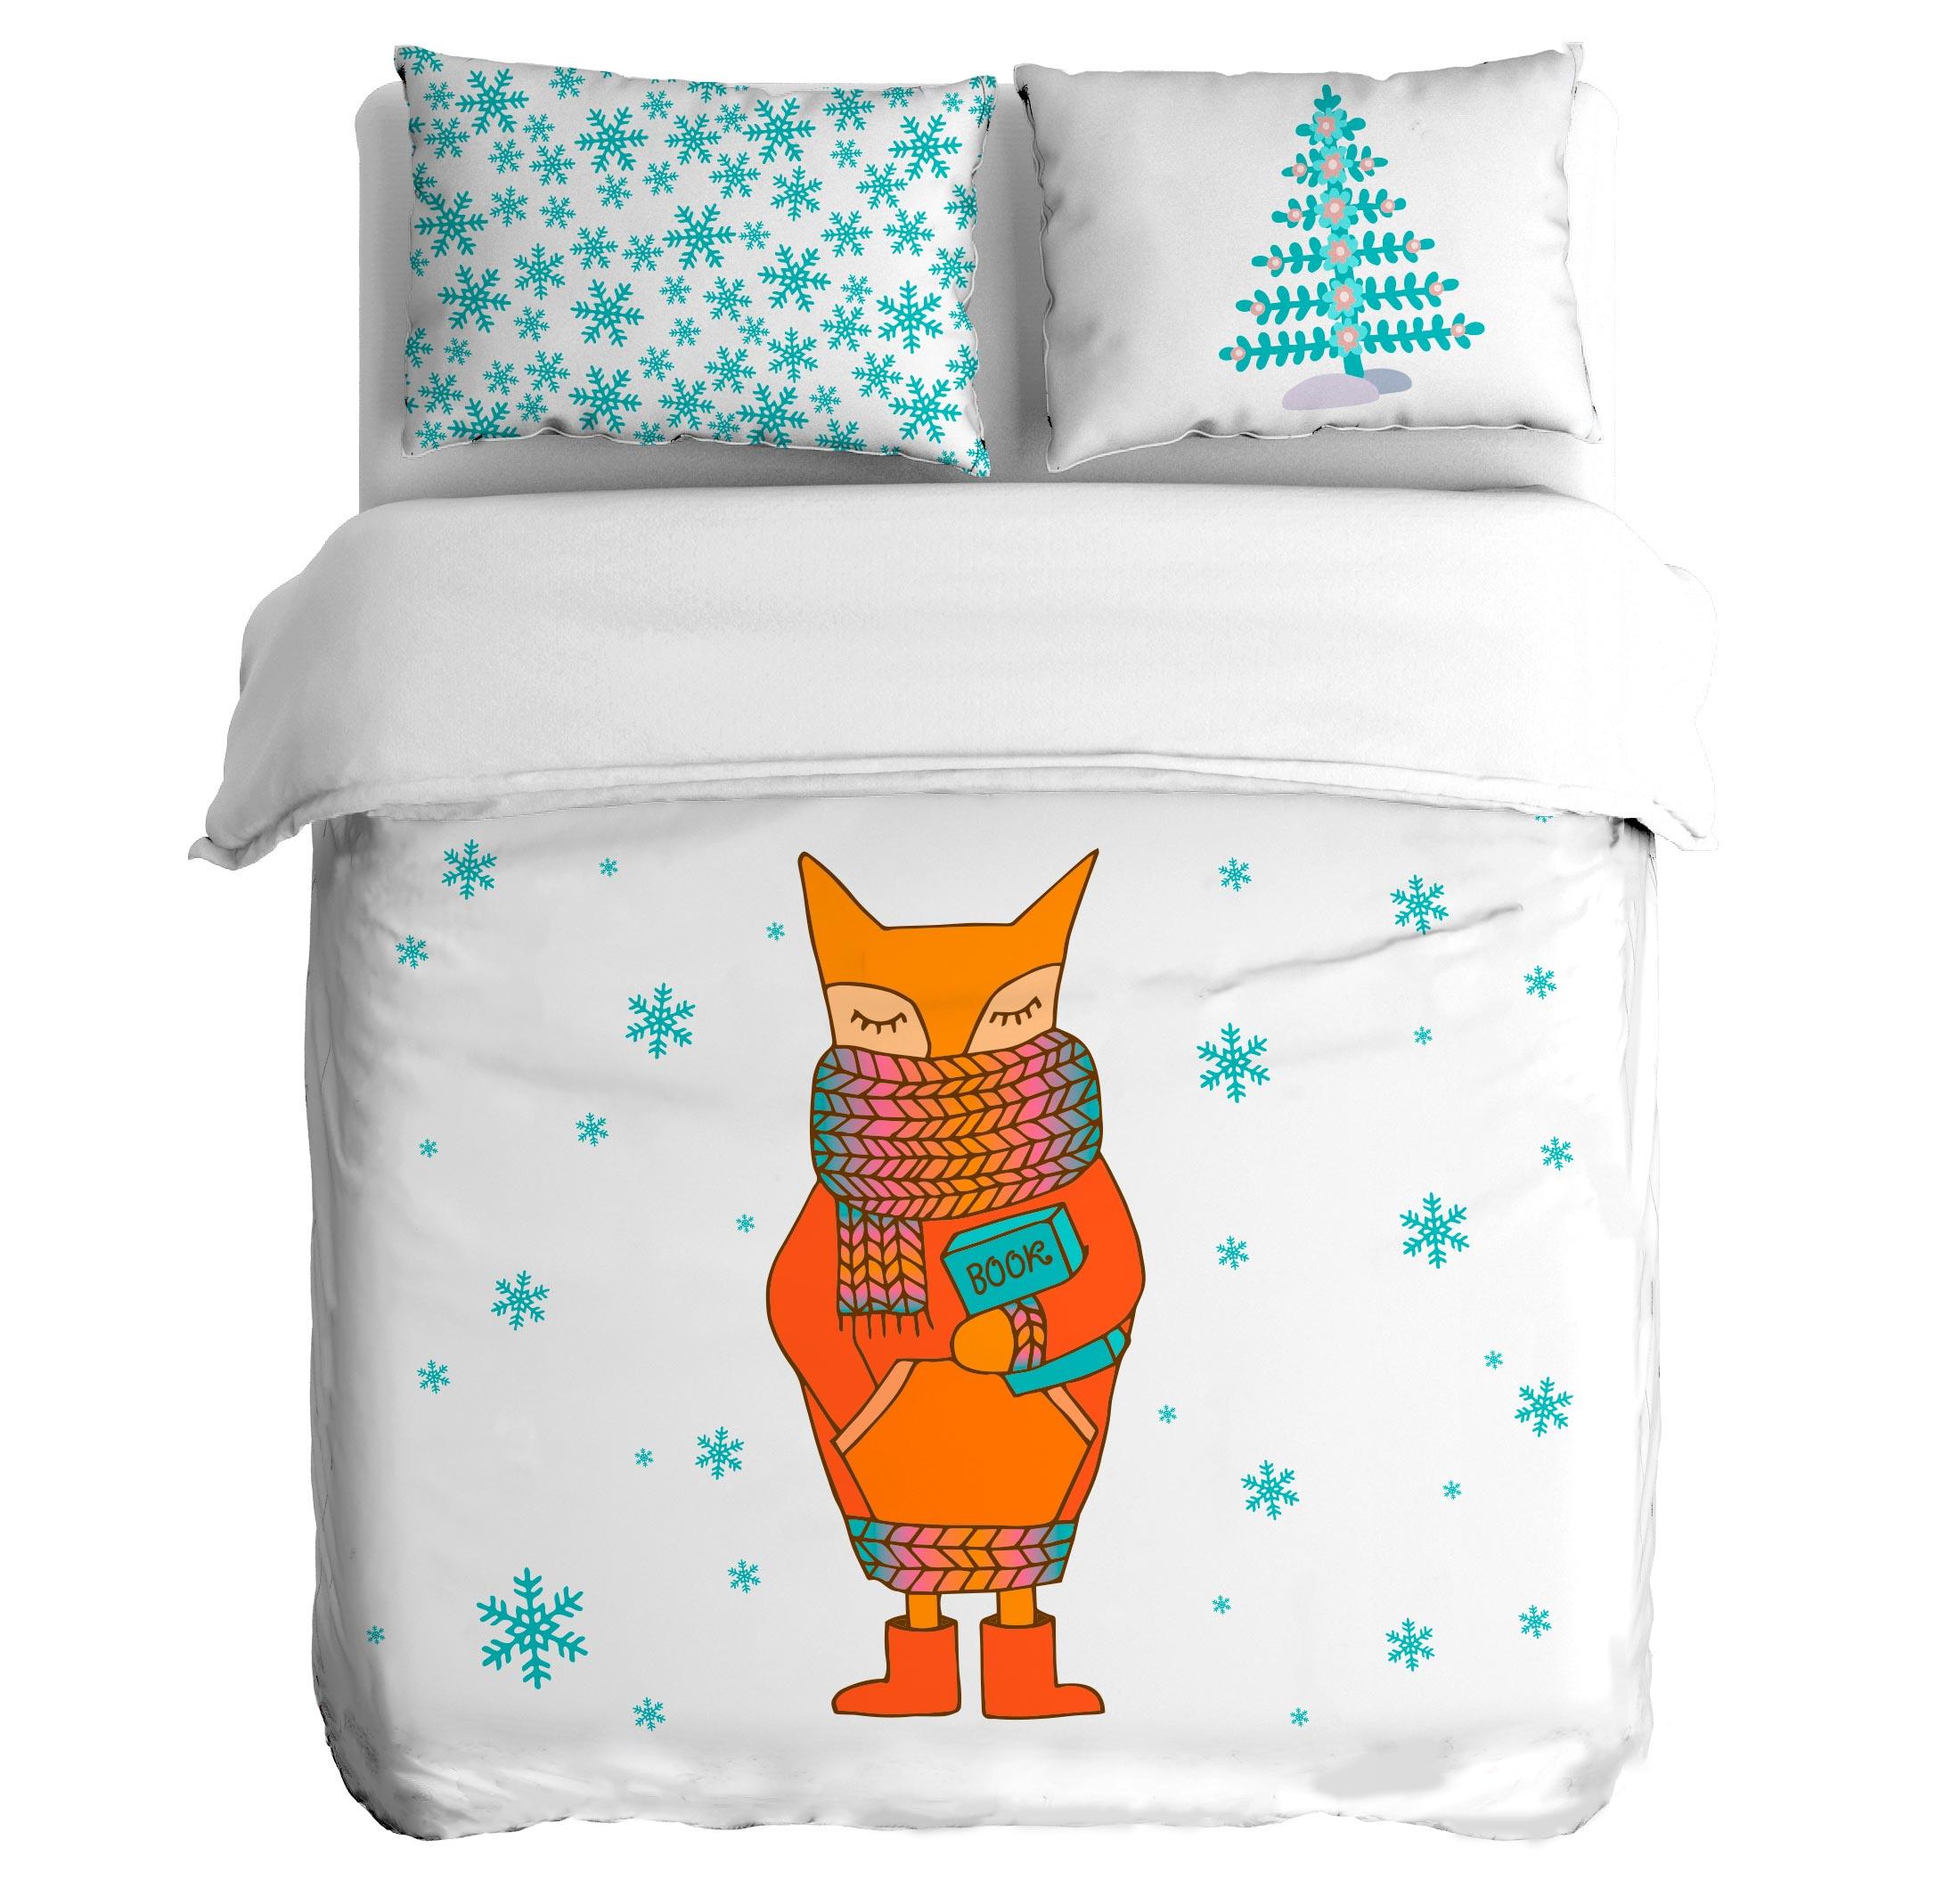 Постельное белье Peach Постельное белье First snowfall (1,5 спал.)